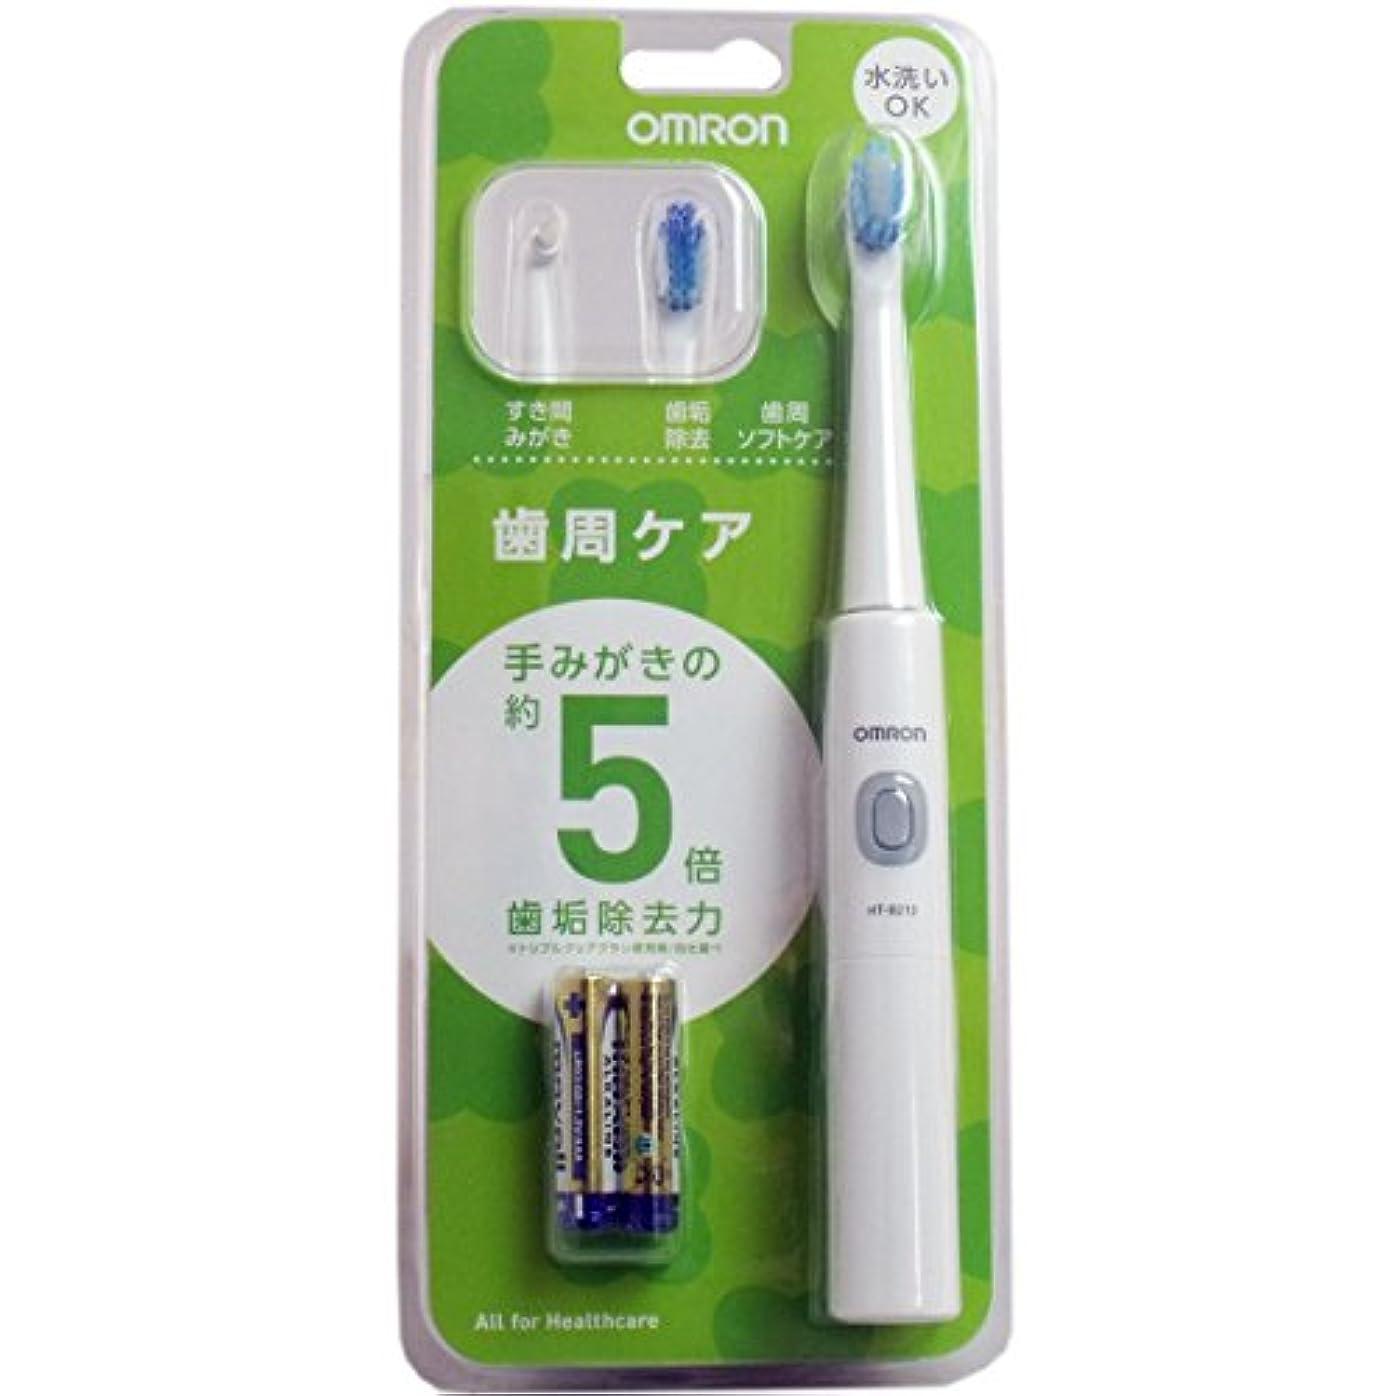 ワット証人しっかりオムロンヘルスケア 音波式電動歯ブラシ HT-B212